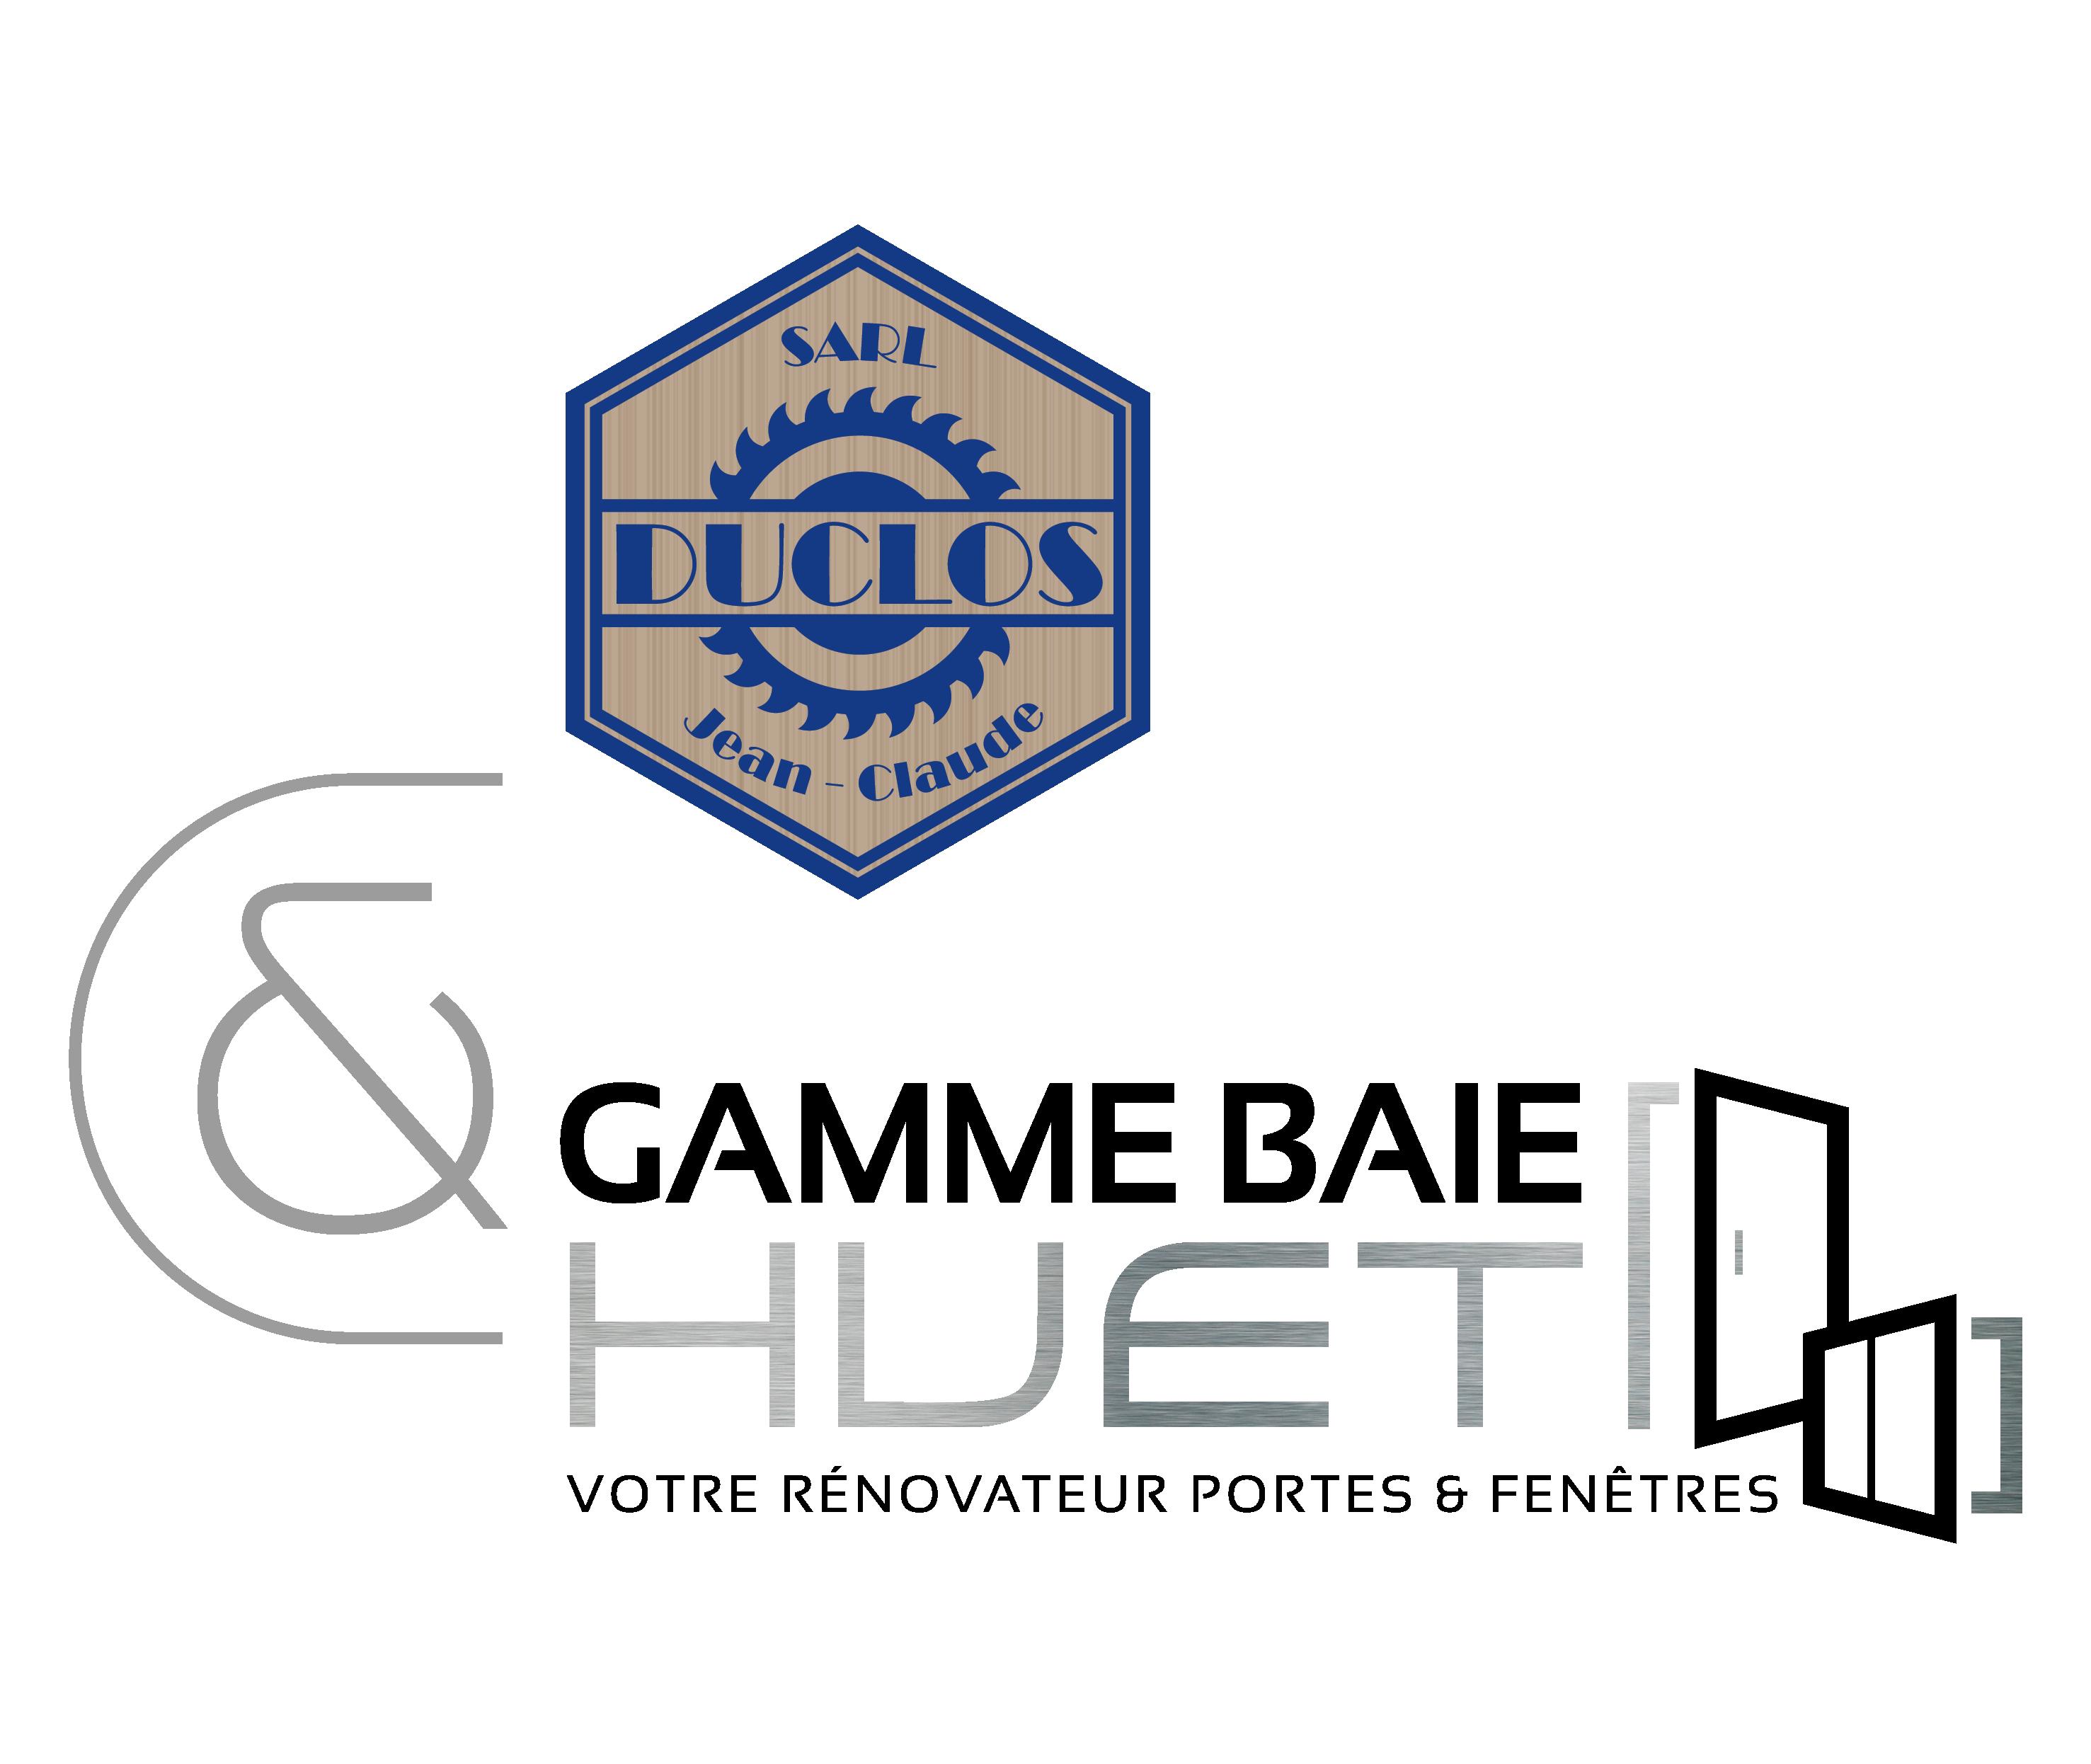 Duclos Jean-Claude SARL Logo